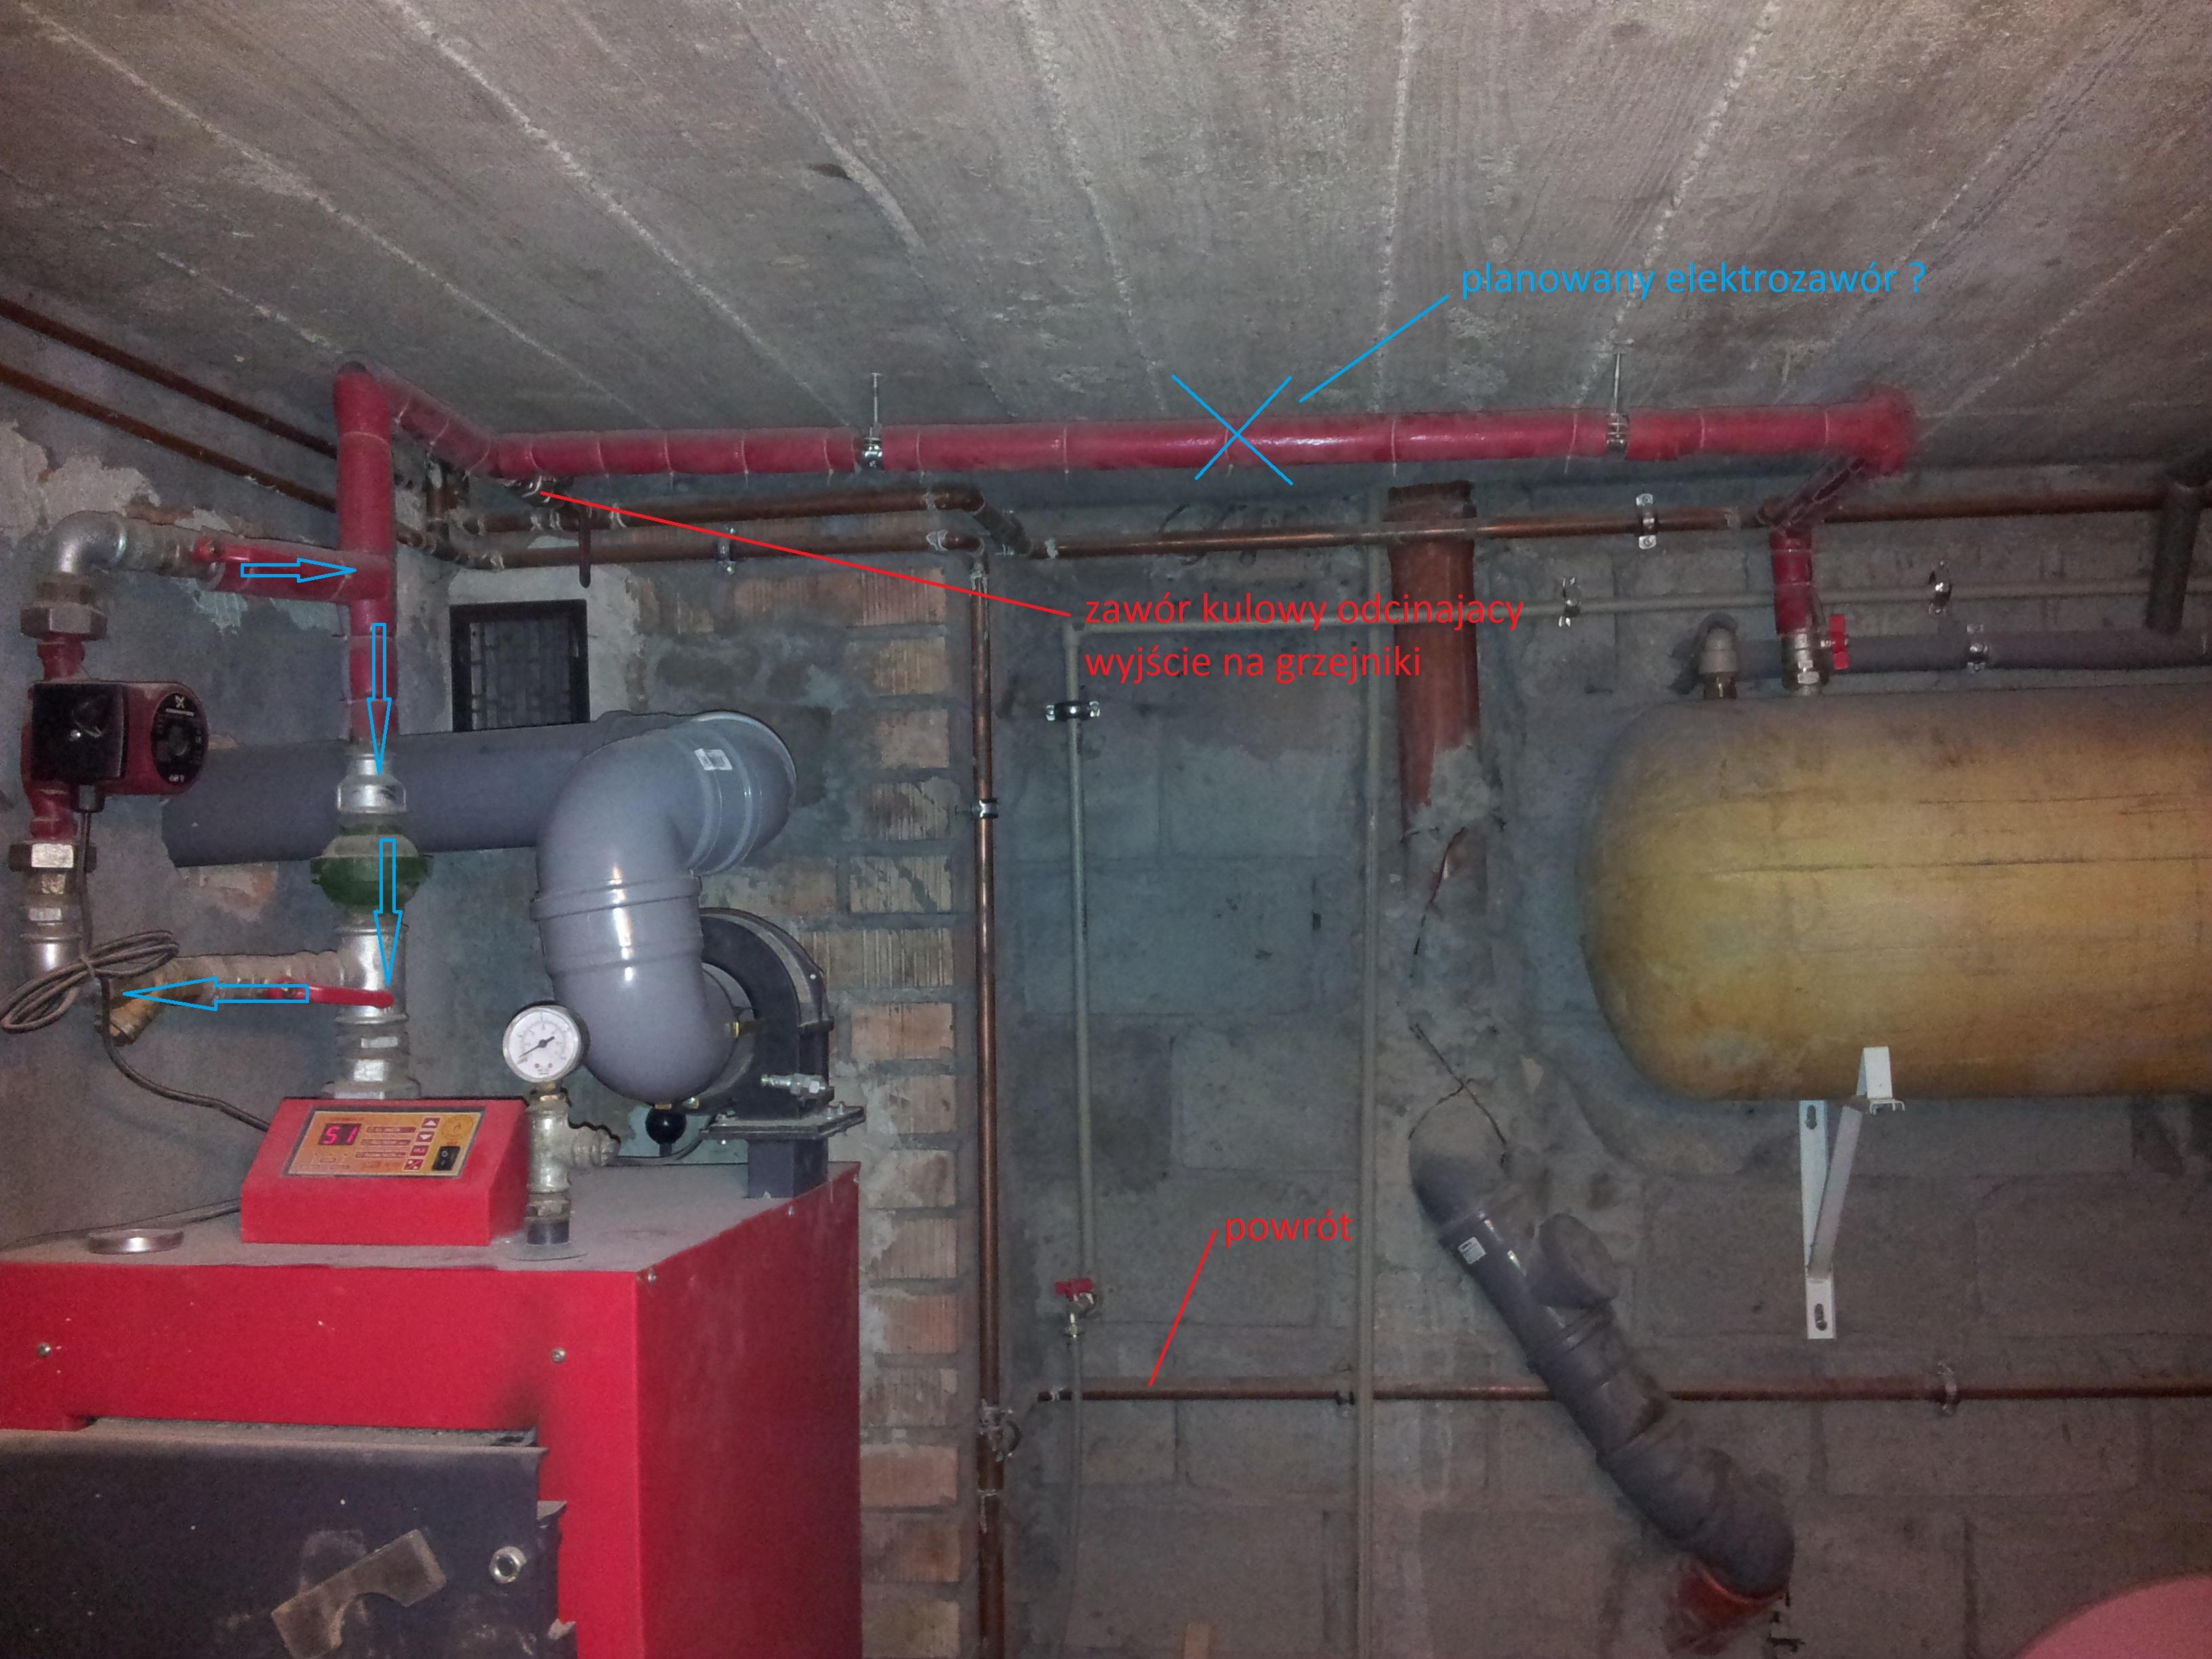 Chwalebne Piec Defro 15 KW - Wychładzająca się woda w bojlerze ,gdzie jaki HM86